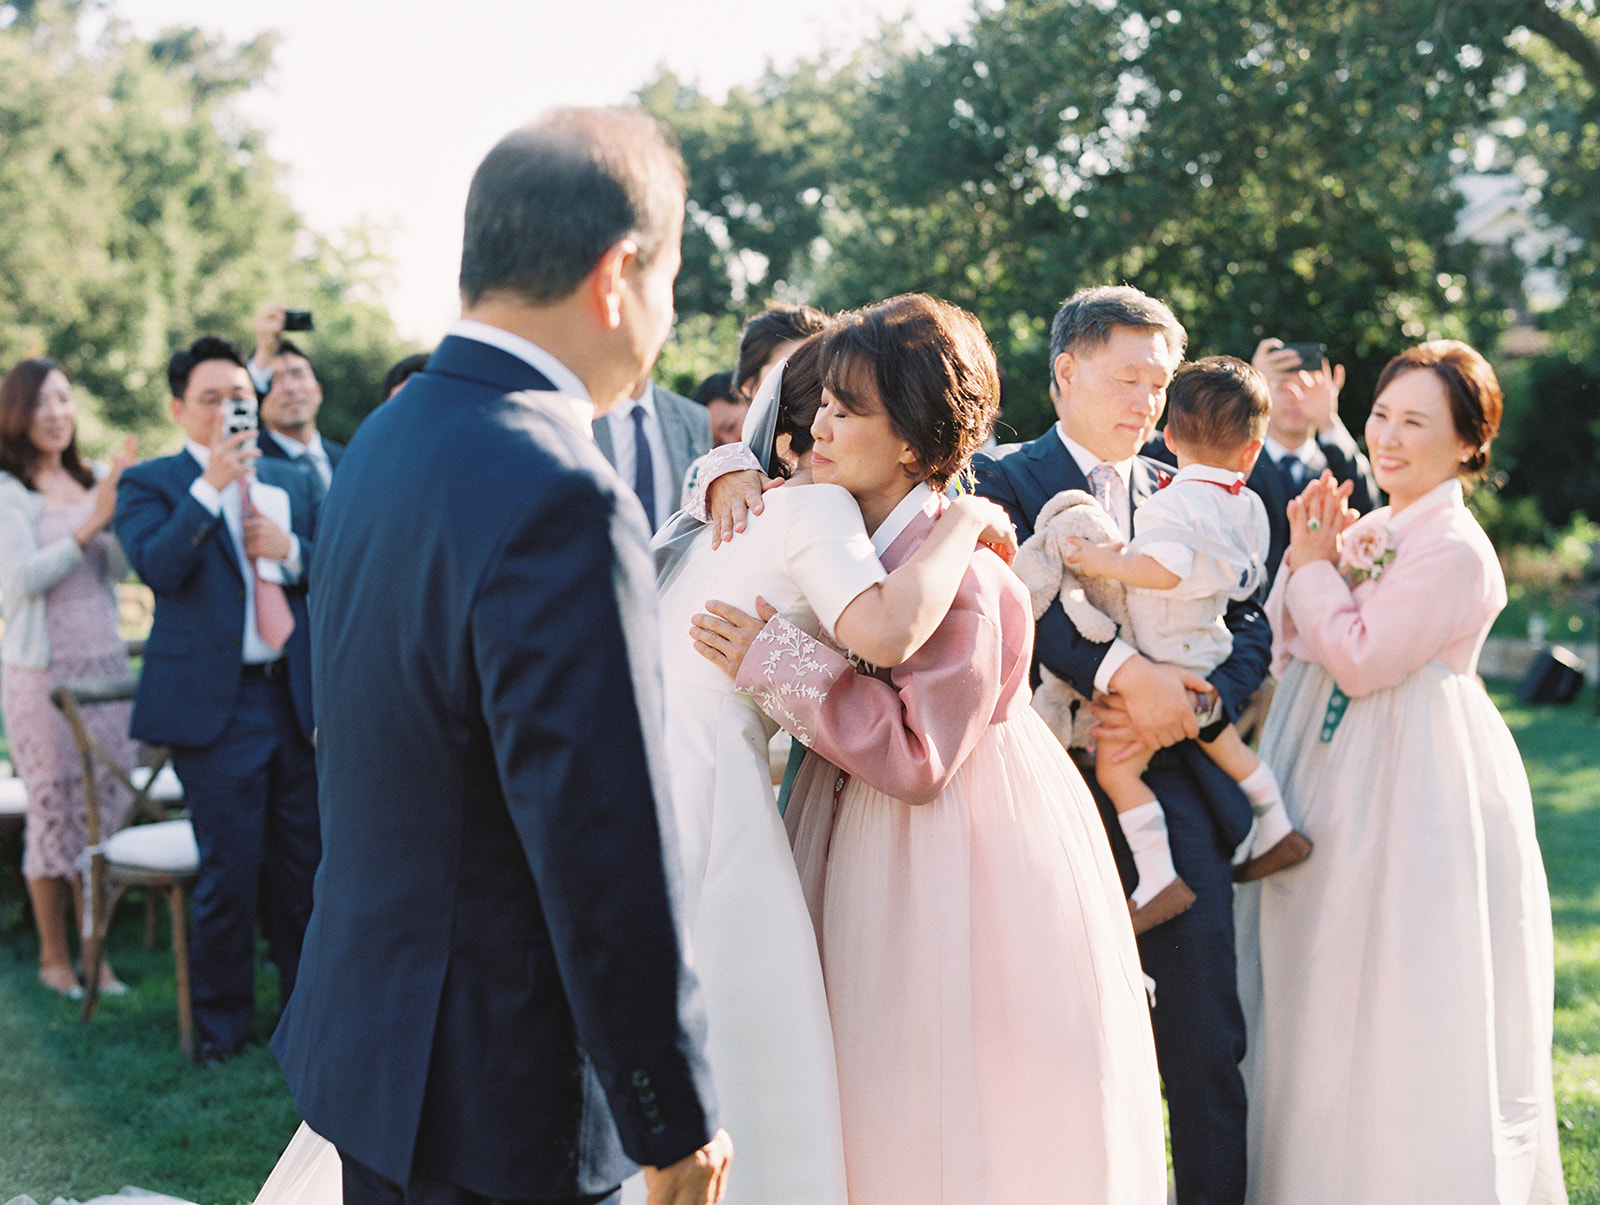 CS_Ceremony_43.jpg